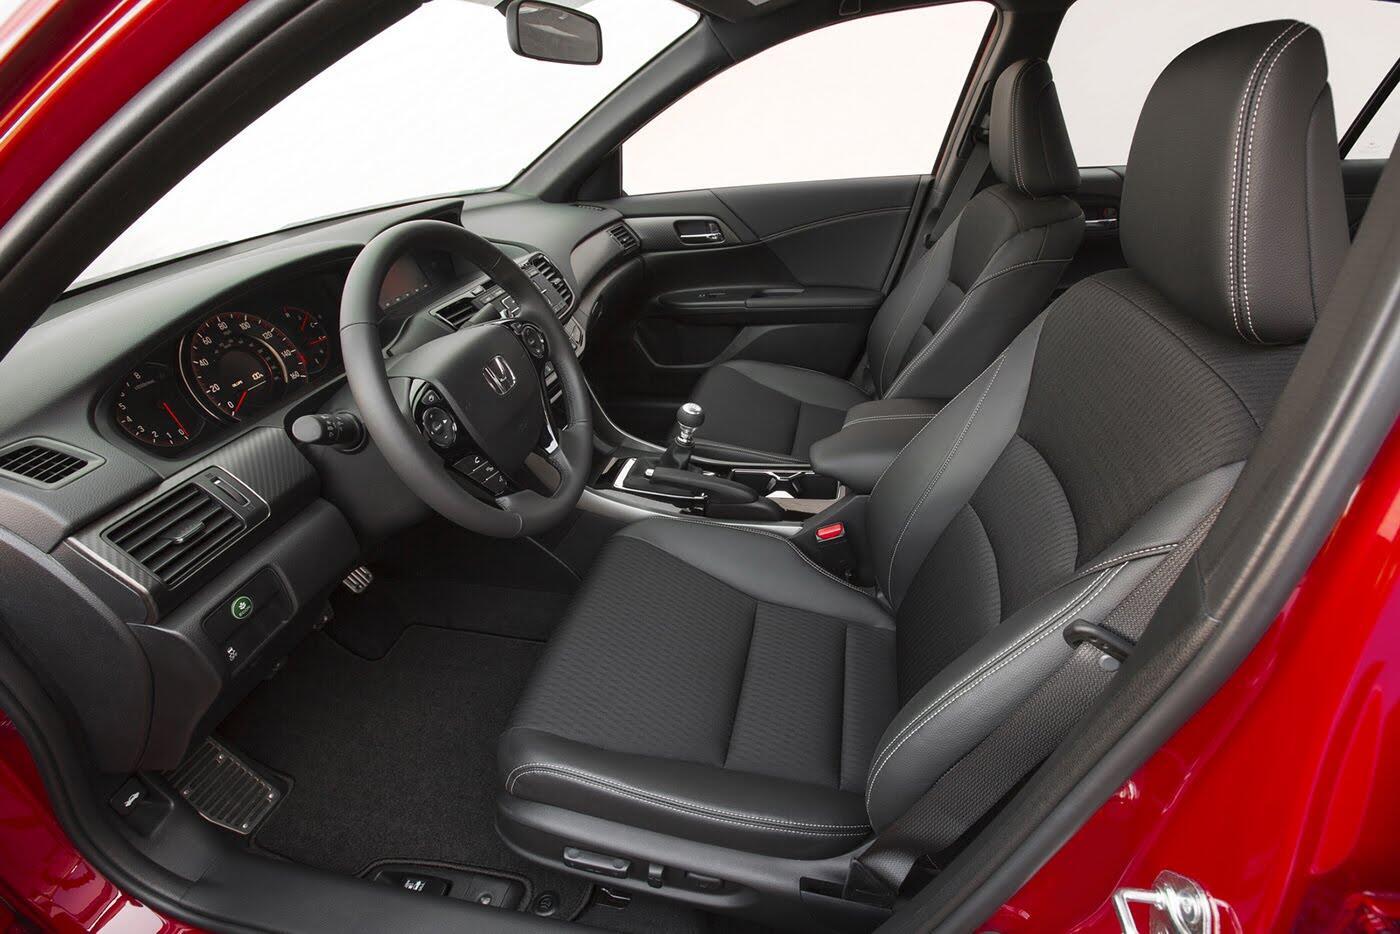 Hơn 1 triệu xe Honda Accord bị triệu hồi vì nguy cơ cháy tại Mỹ - Hình 2